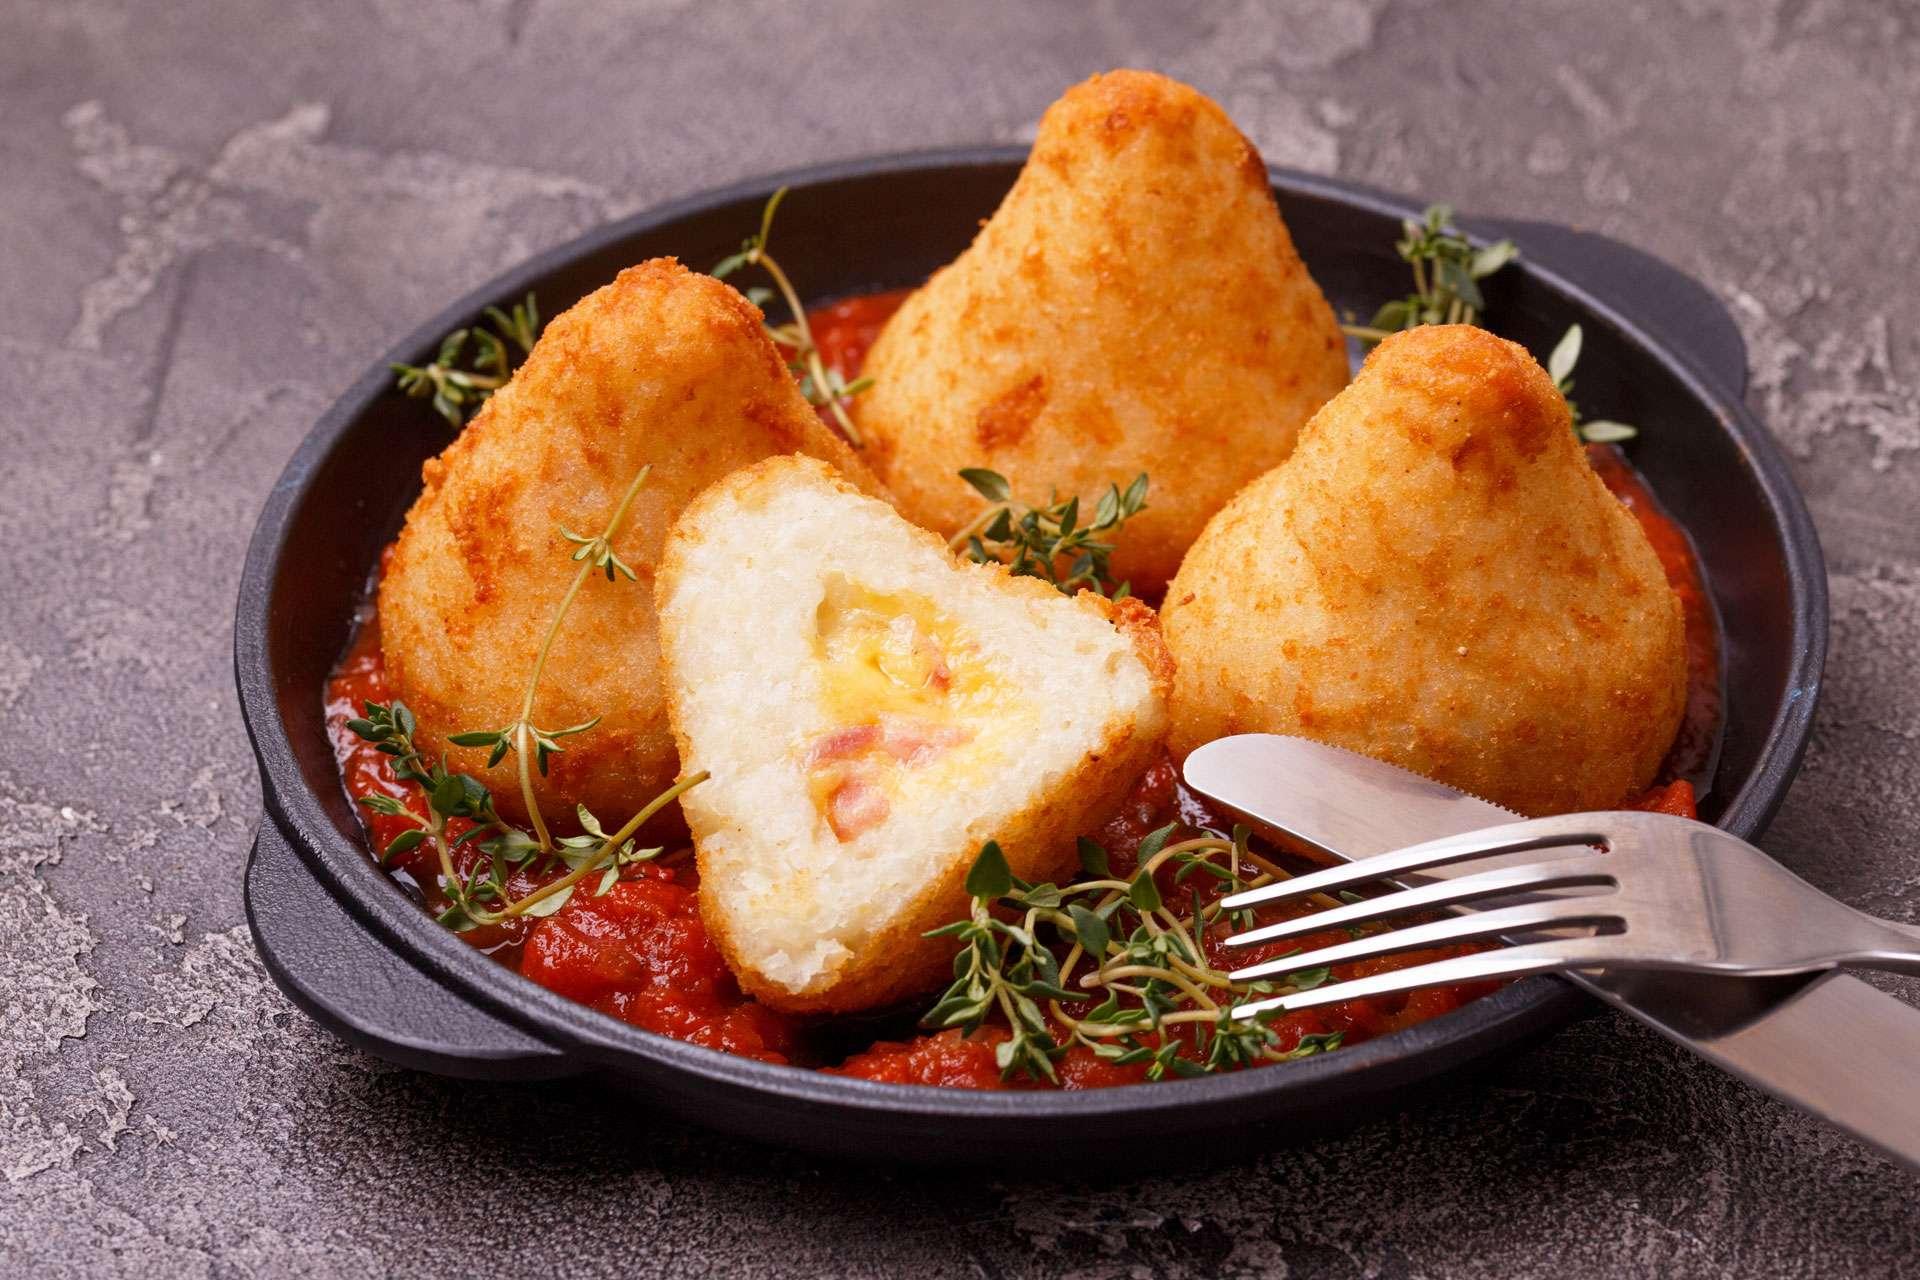 Arancini di Riso with Marinara Sauce